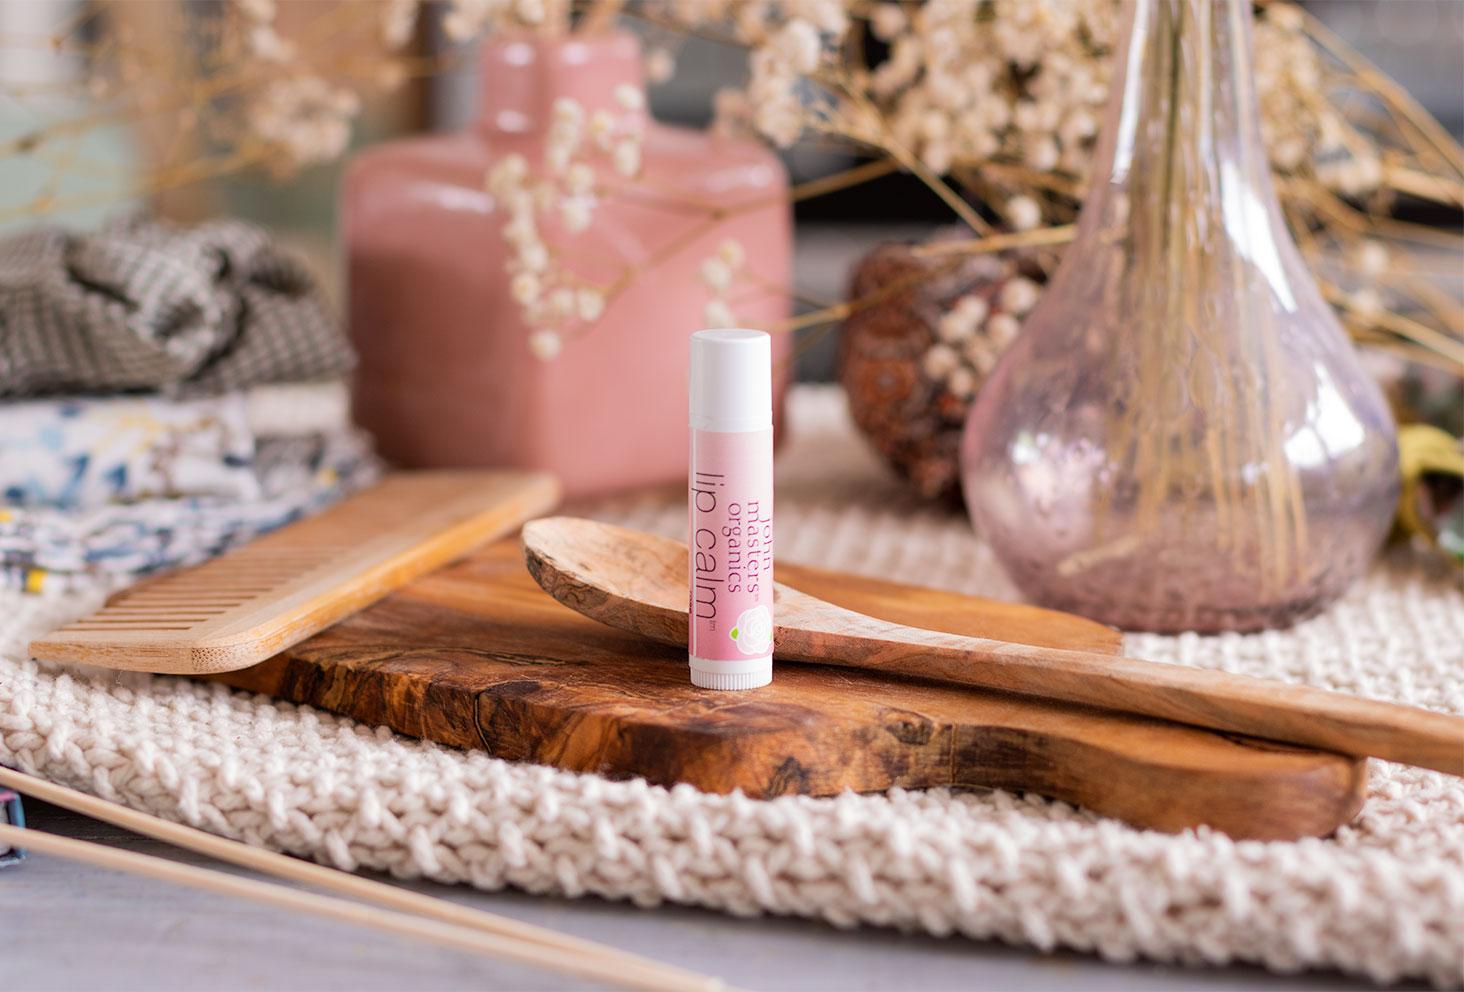 Le baume à lèvres à la rose de John Masters Organics sur une planche en bois dans un décor de salle de bain vintage, avant utilisation